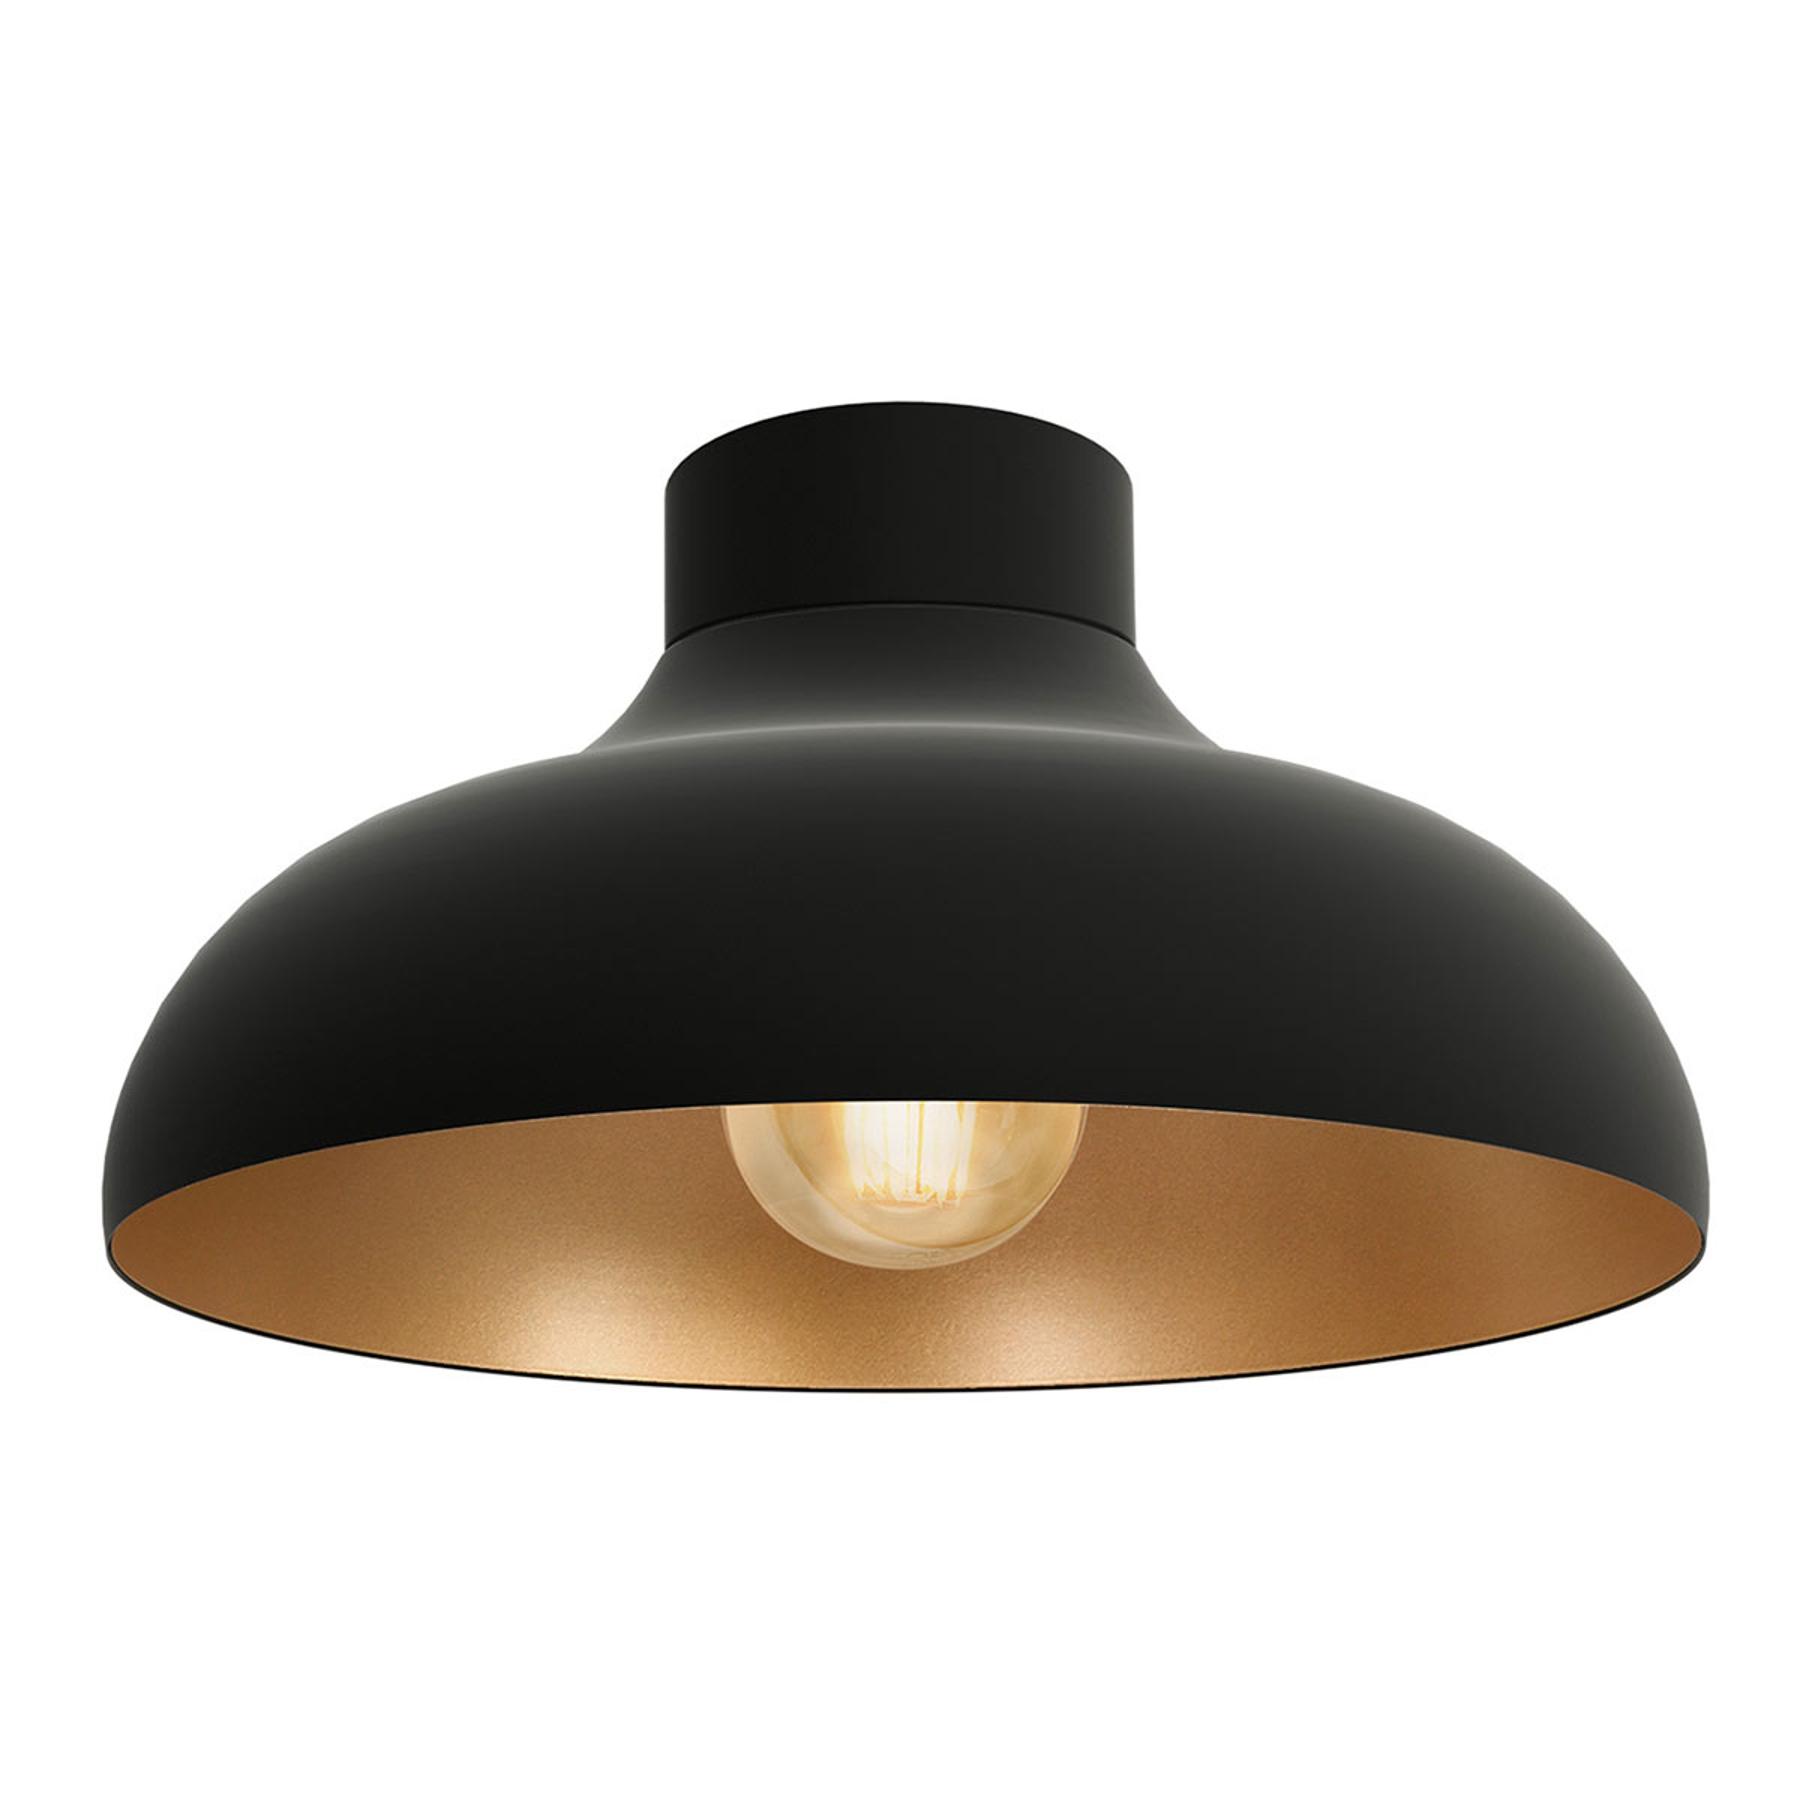 Lampa sufitowa Basca, czarna, miedziana wewnątrz